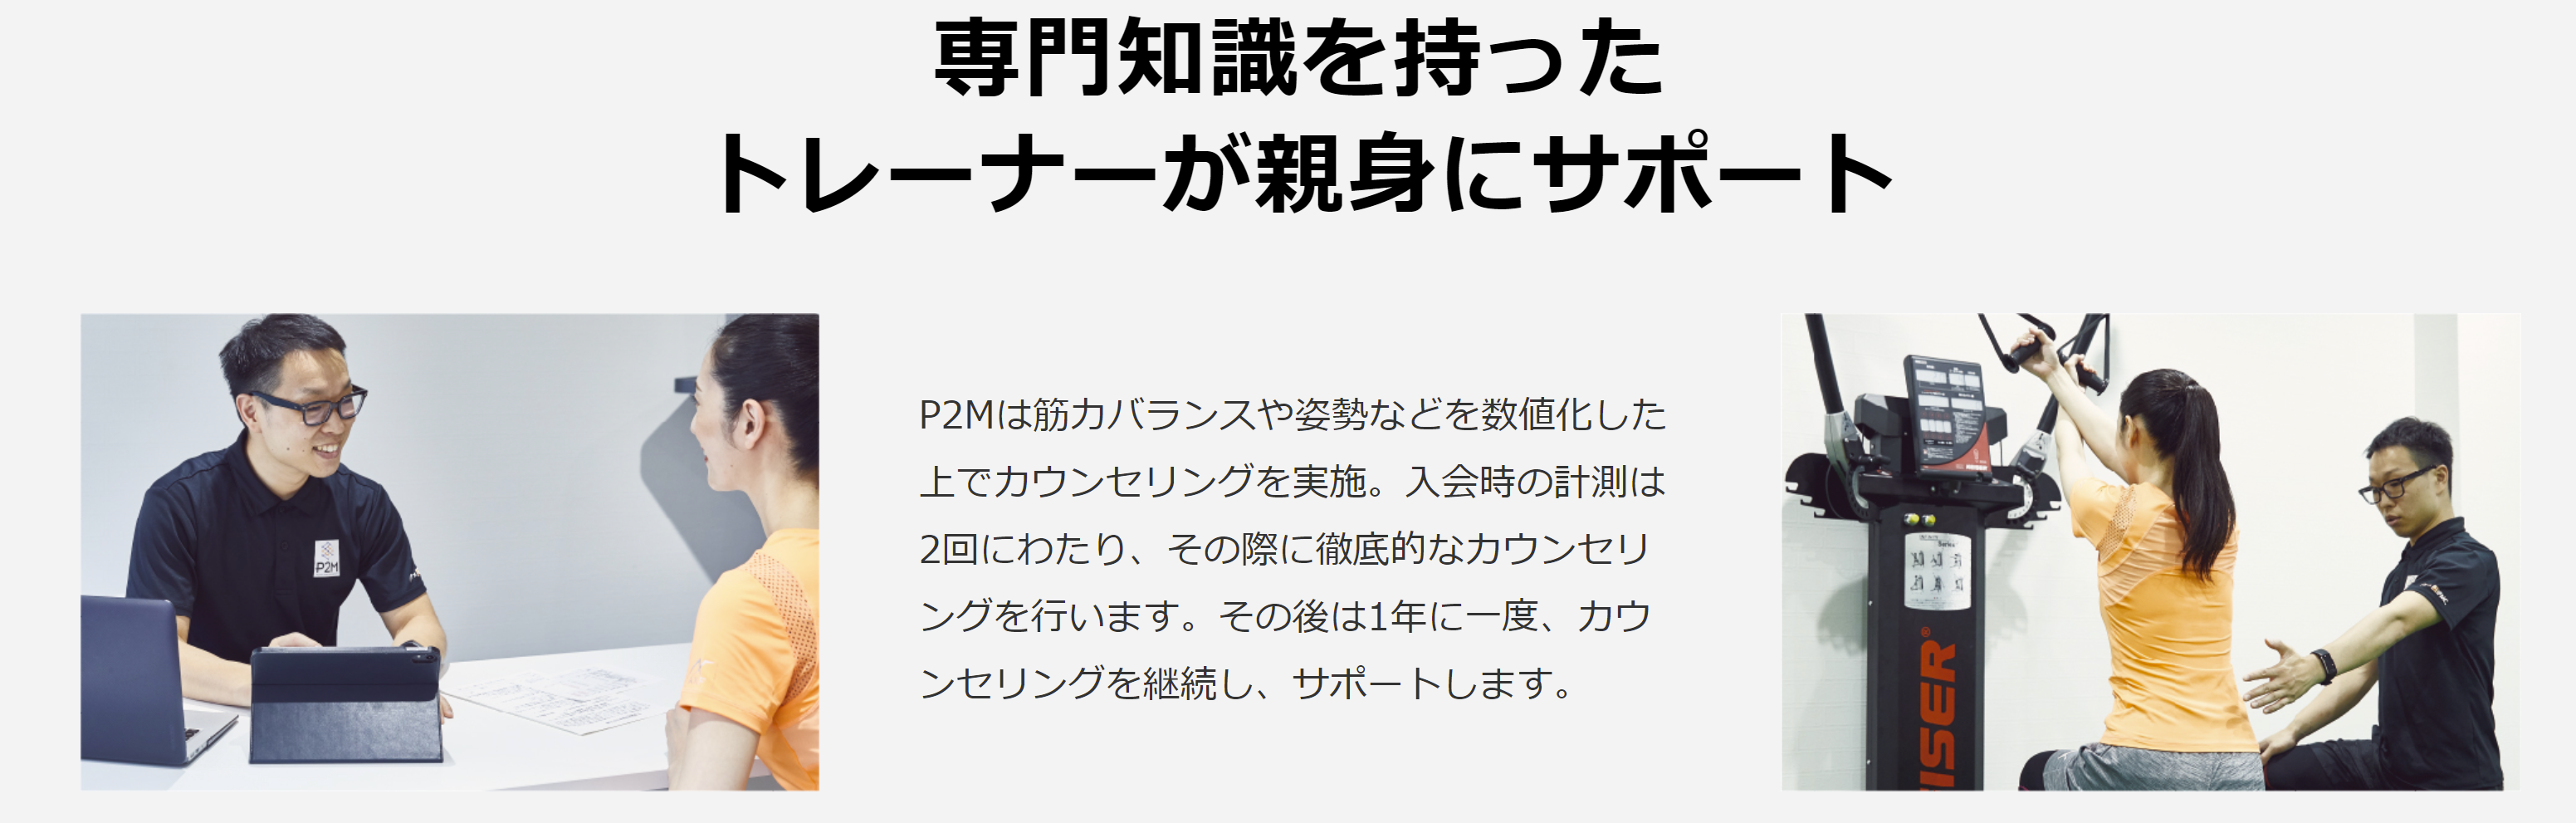 P2M joiru